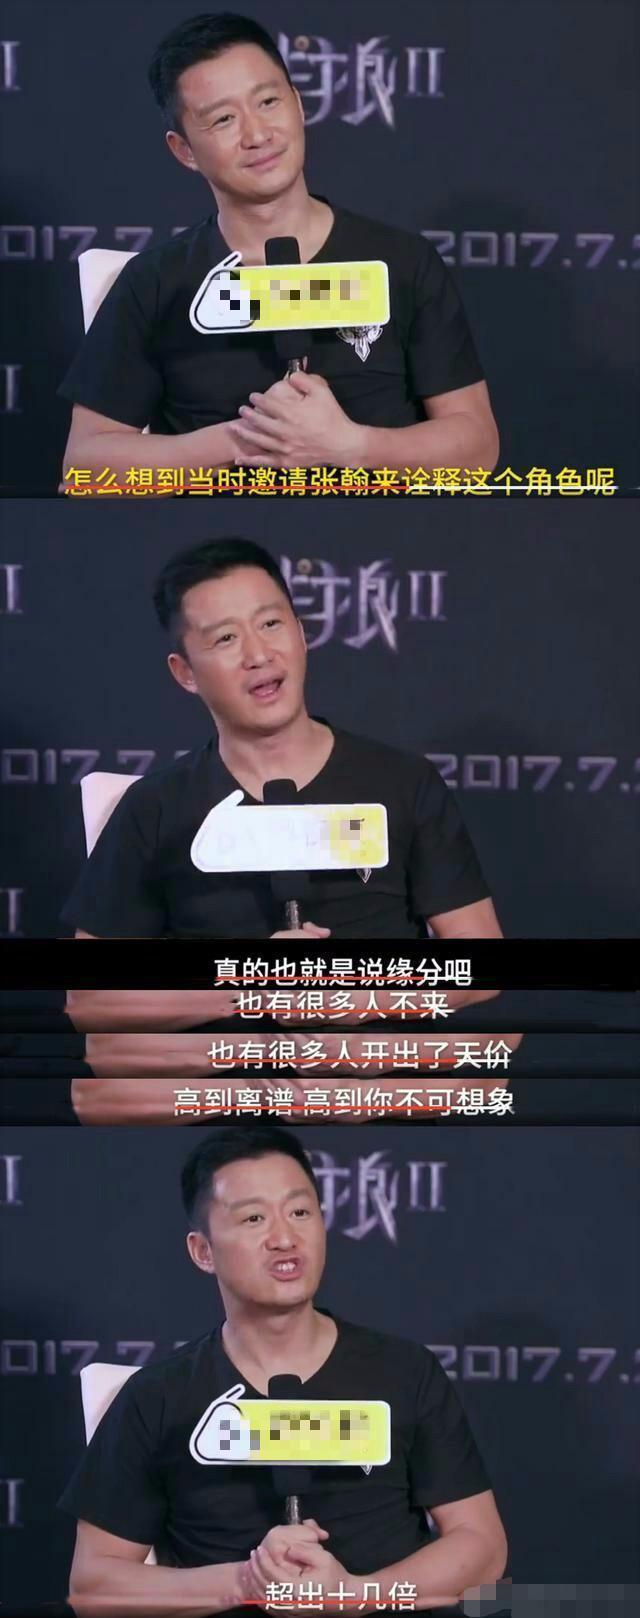 张翰凭借《战狼2》彻底翻了身,微博粉丝更是一下暴涨将至3千万,郑爽父亲更是豪气包场